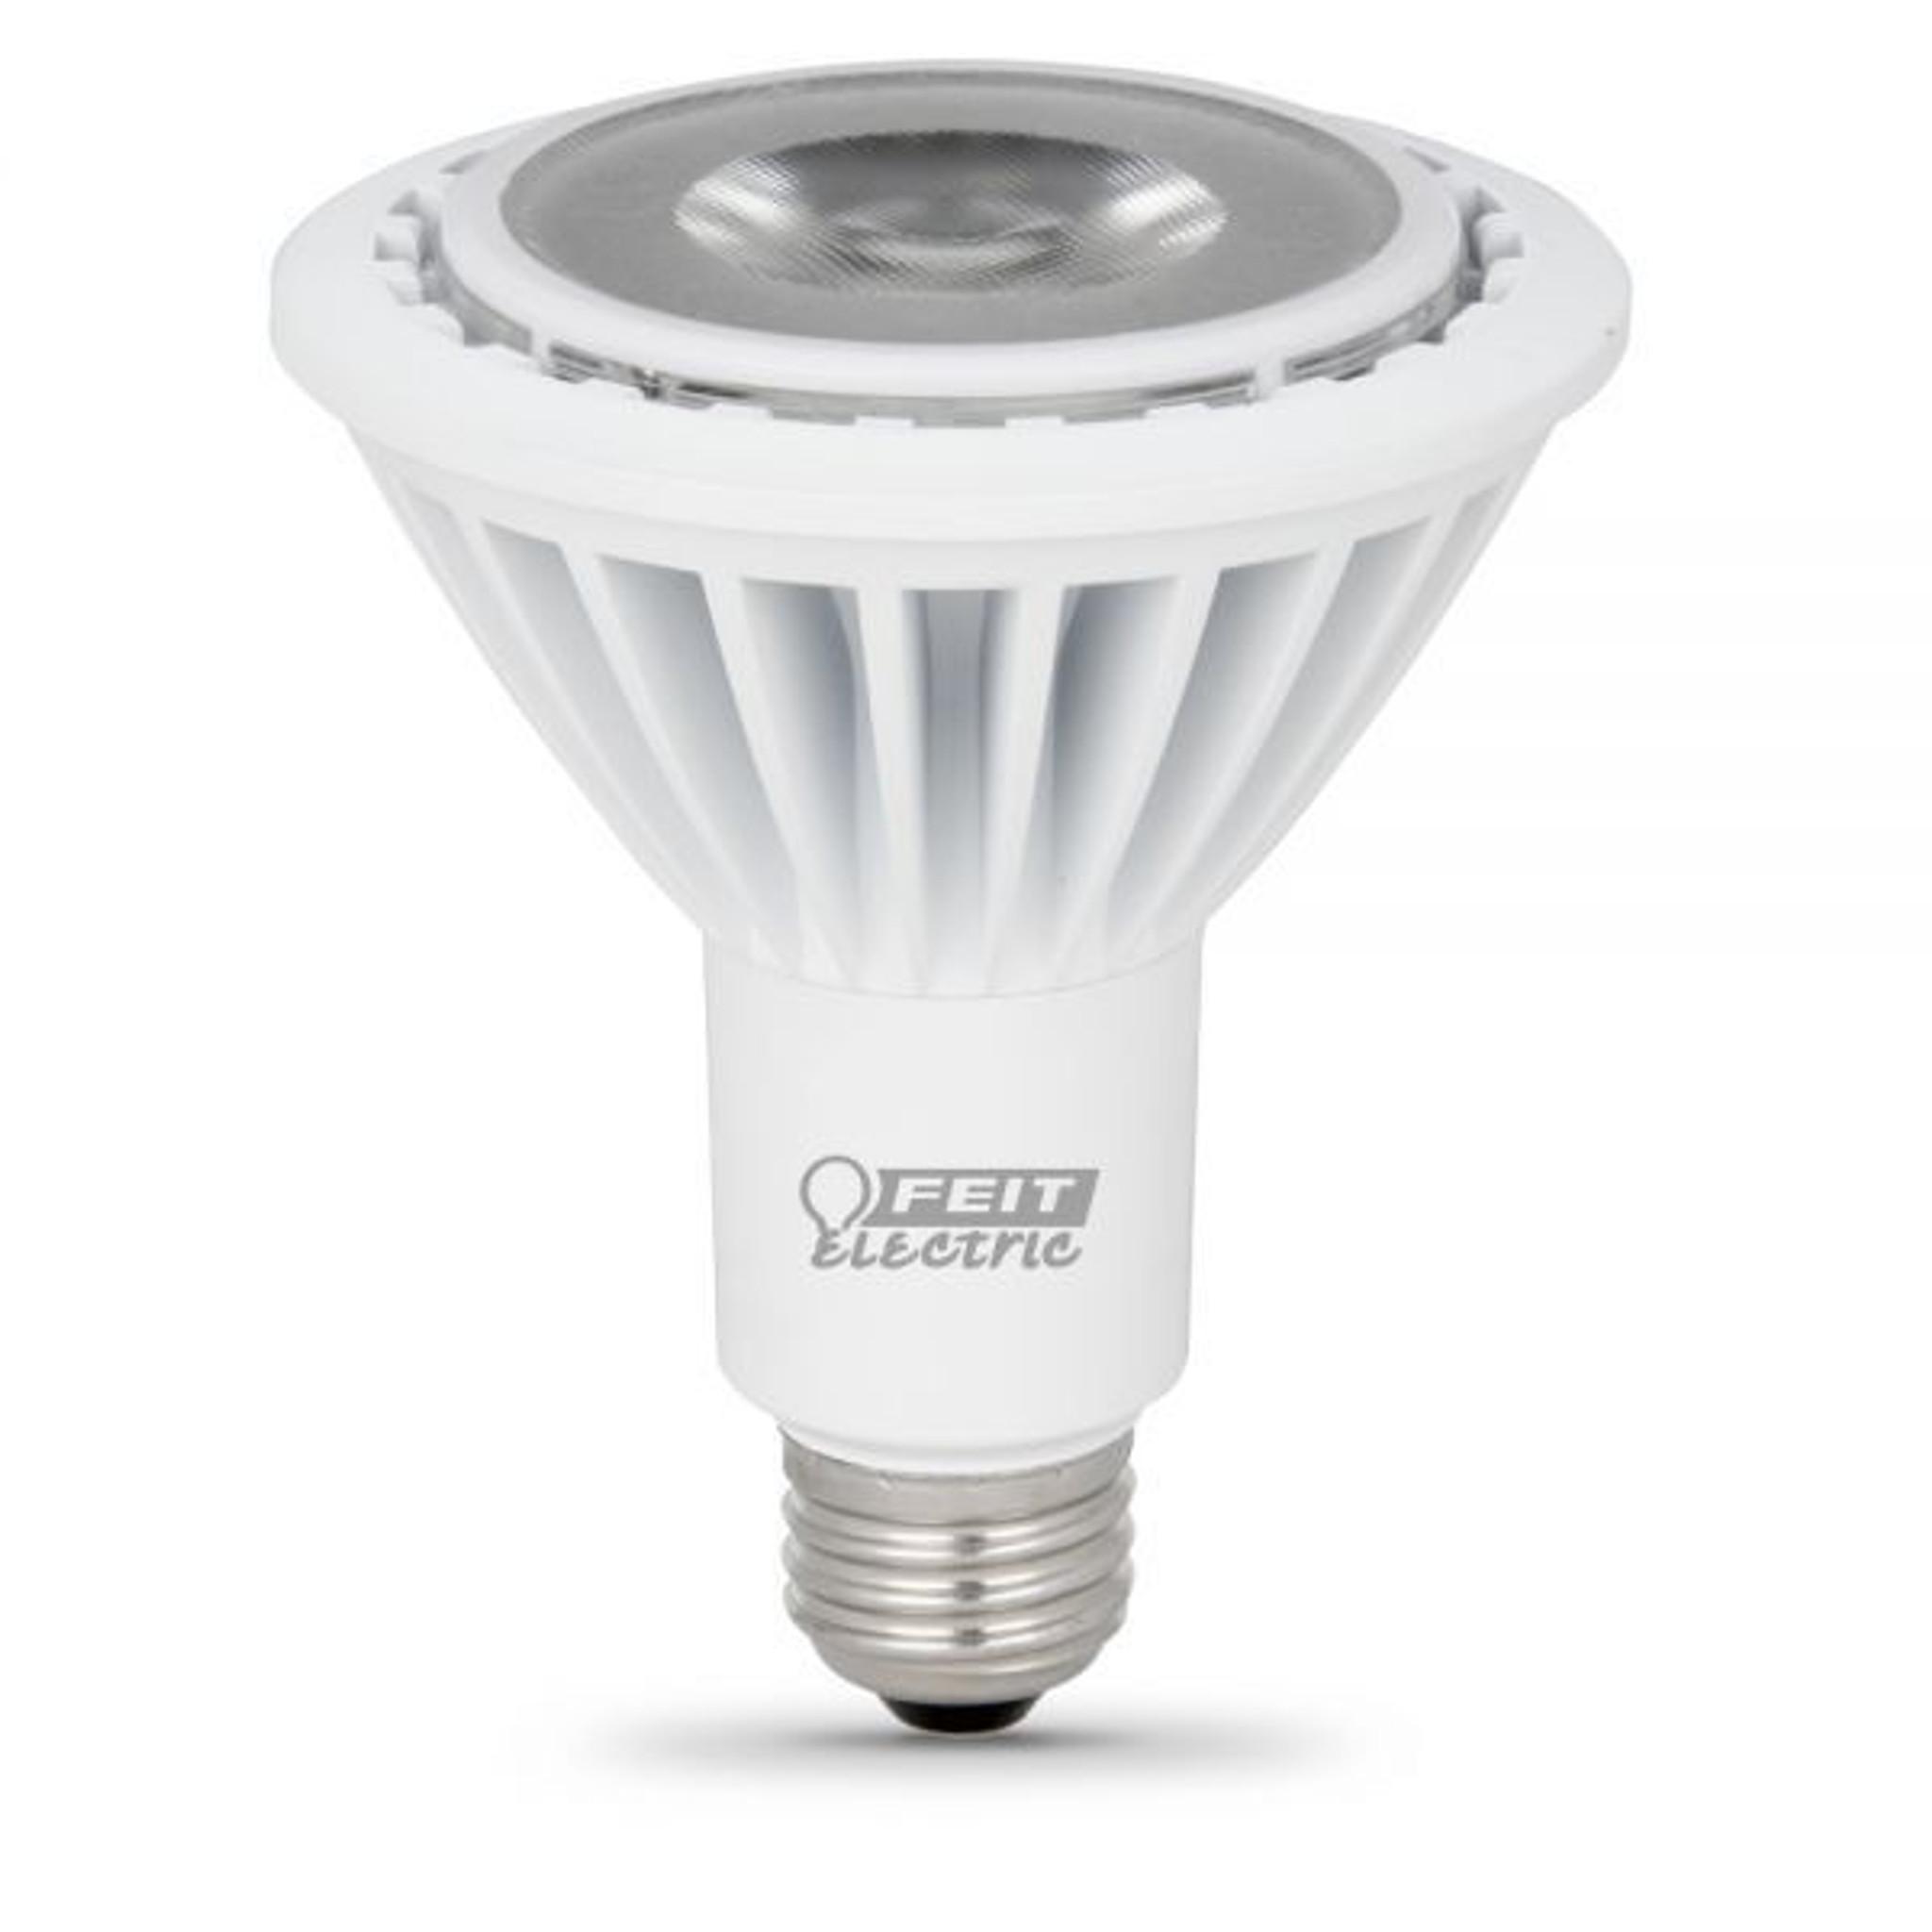 Feit Electric 15PAR30L/LEDG5/CAN 15W LED PAR30 3000K